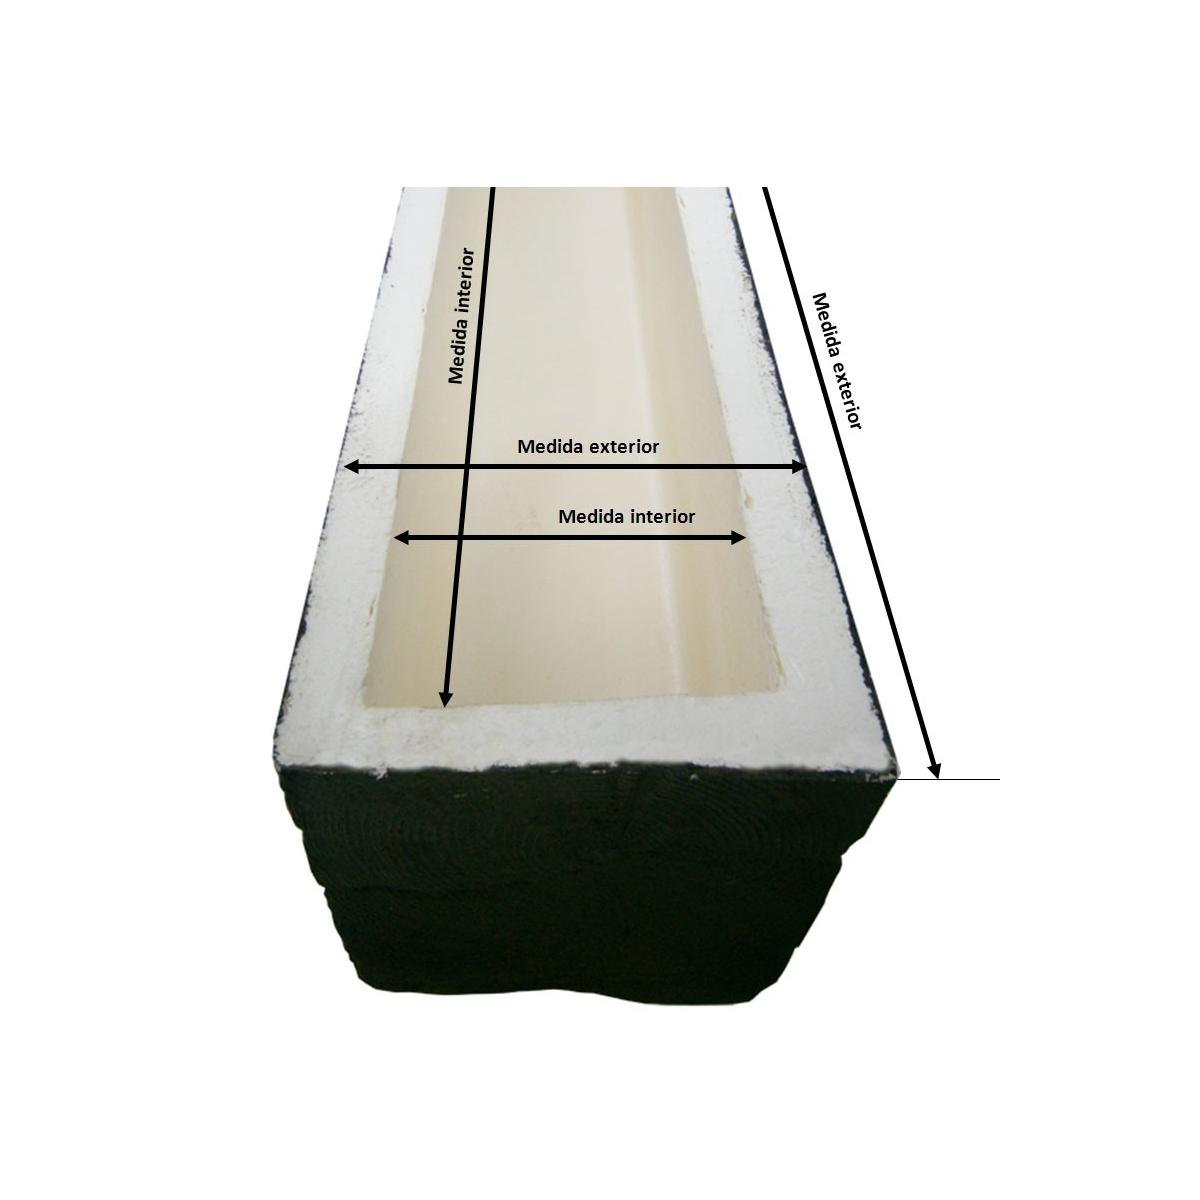 Viga imitación a madera 300x14,5x8 Grupo Unamacor Vigas imitación madera cuadradas